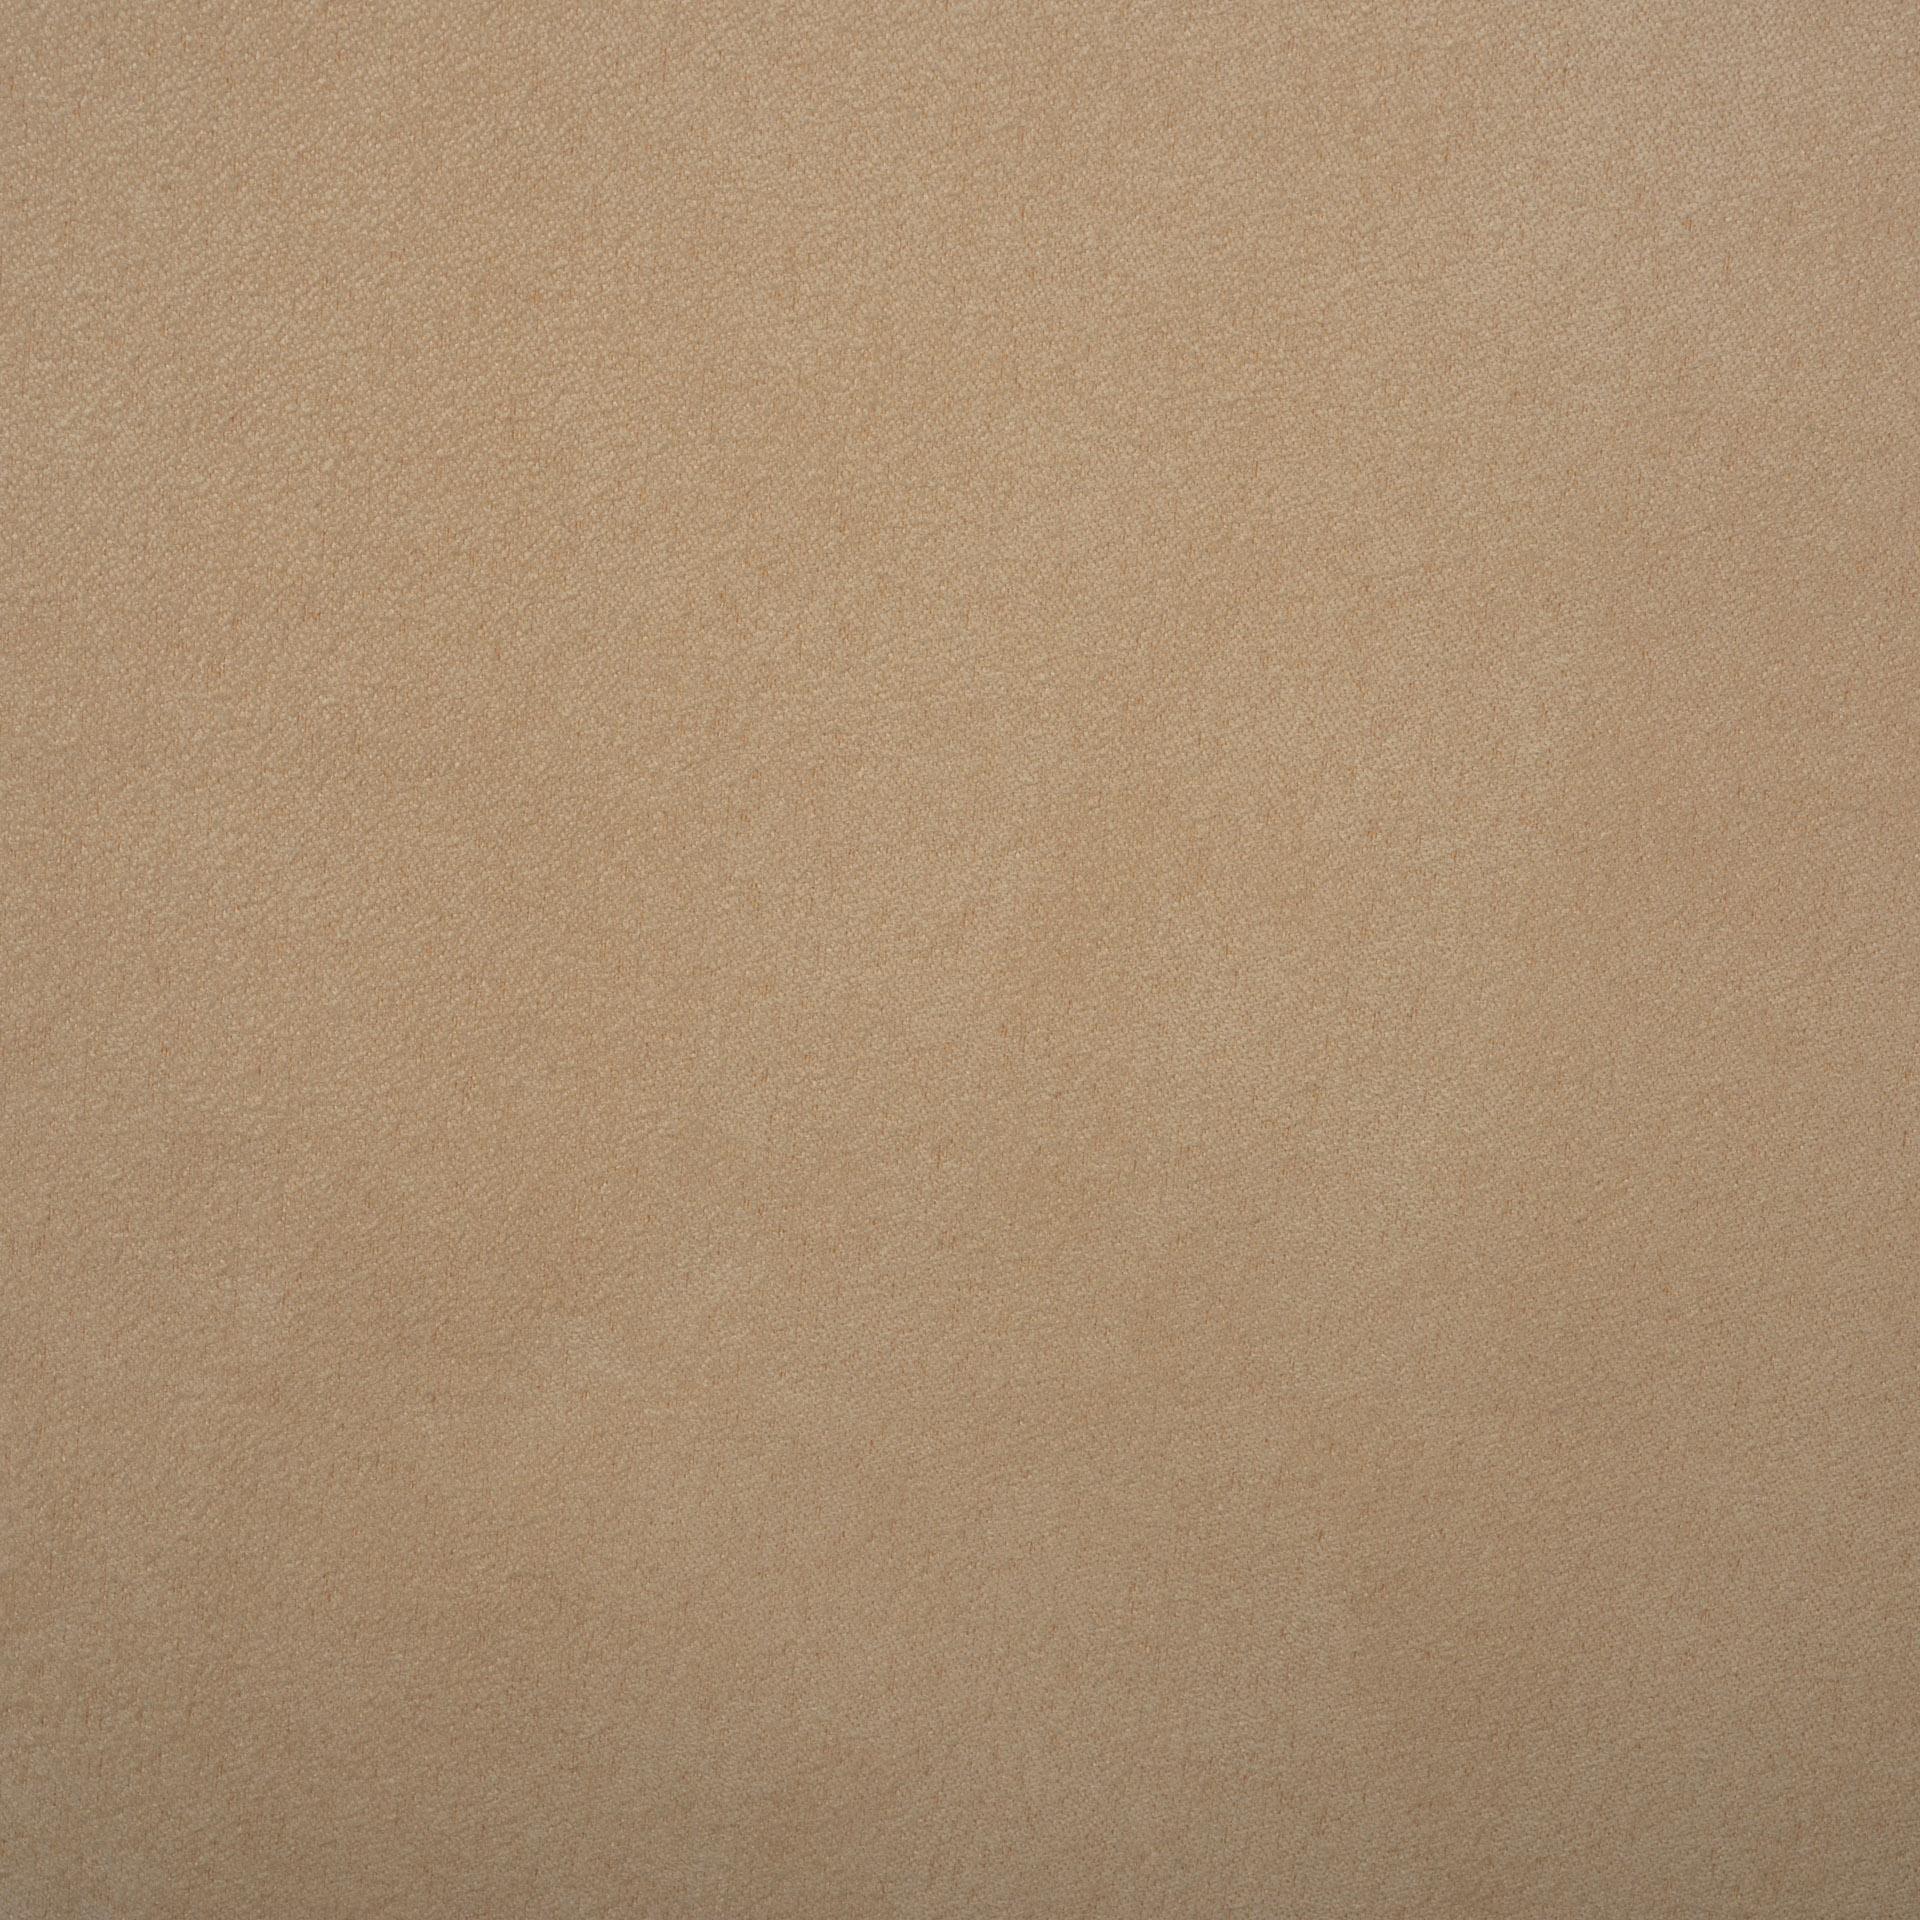 Коллекция ткани Бонд BEIGE 01,  купить ткань Велюр для мебели Украина